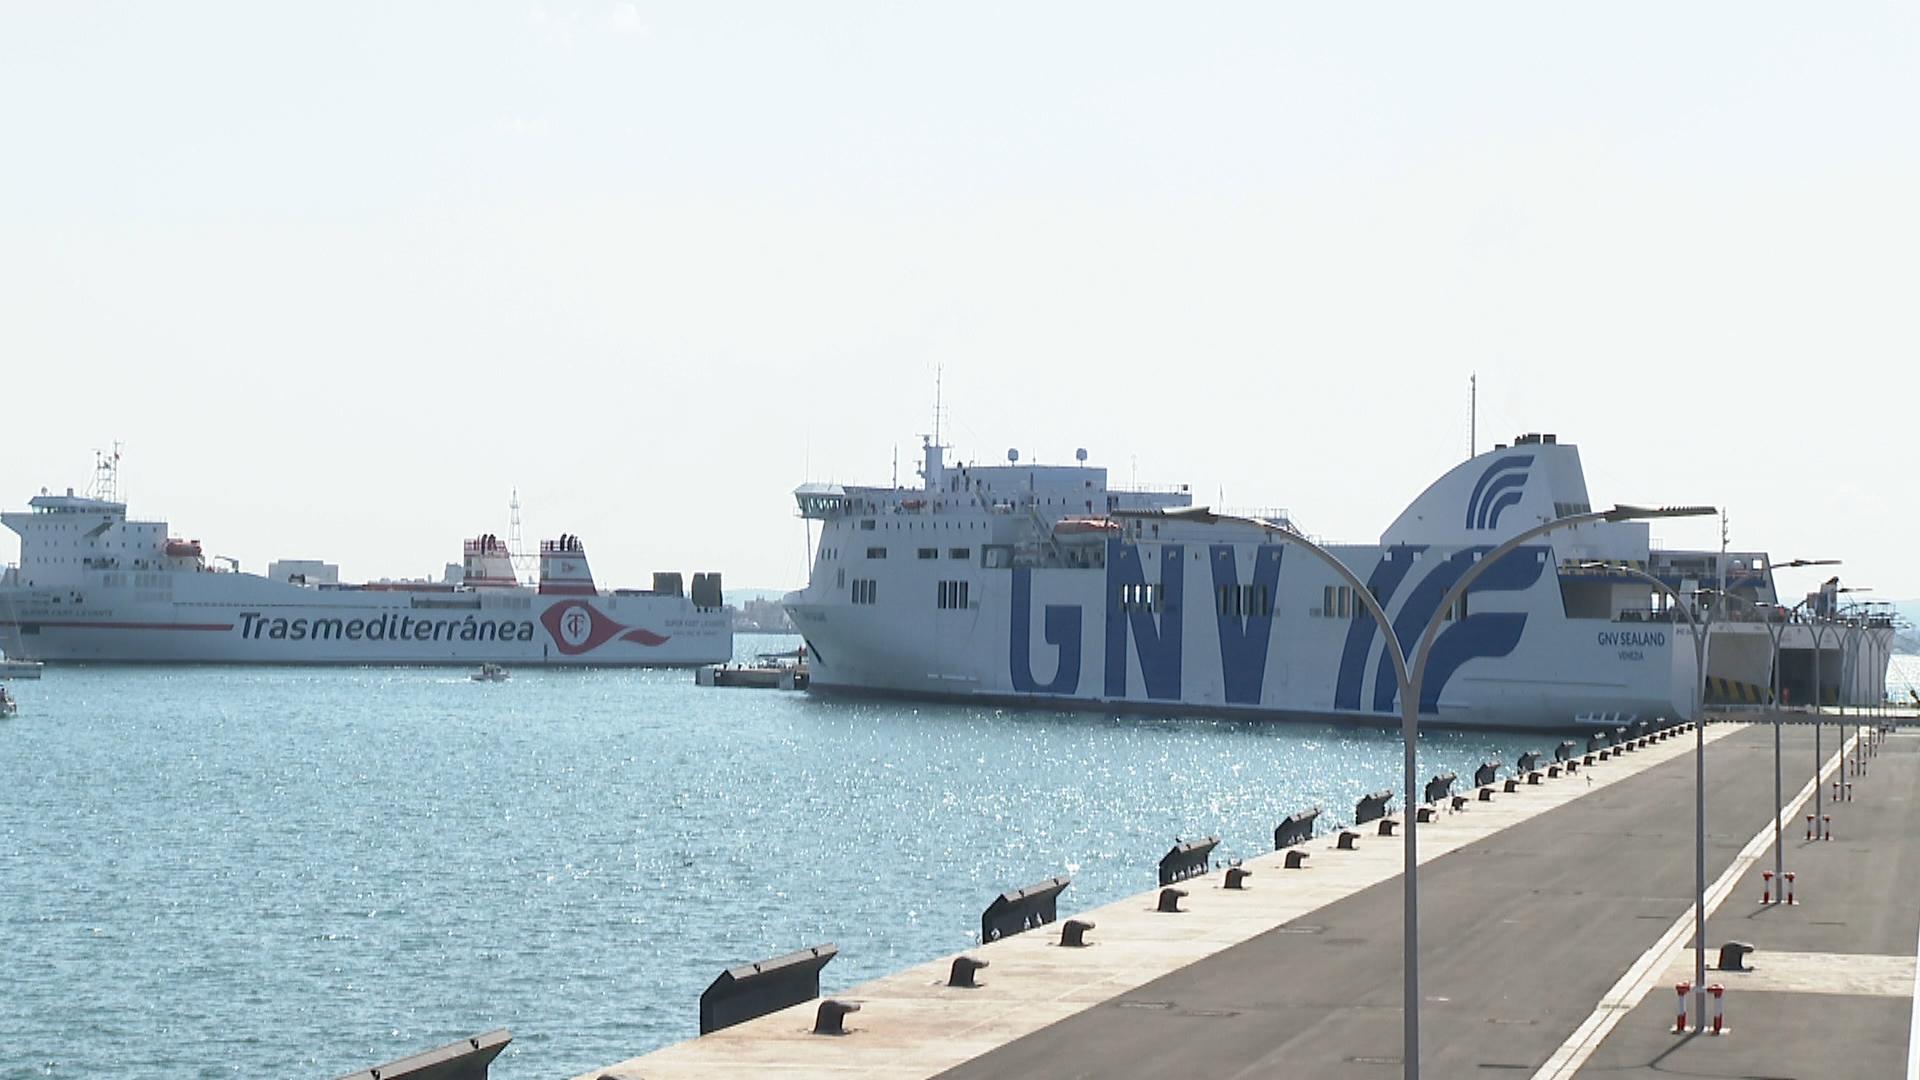 La+naviliera+italiana+GNV+comen%C3%A7a+a+operar+a+les+Illes